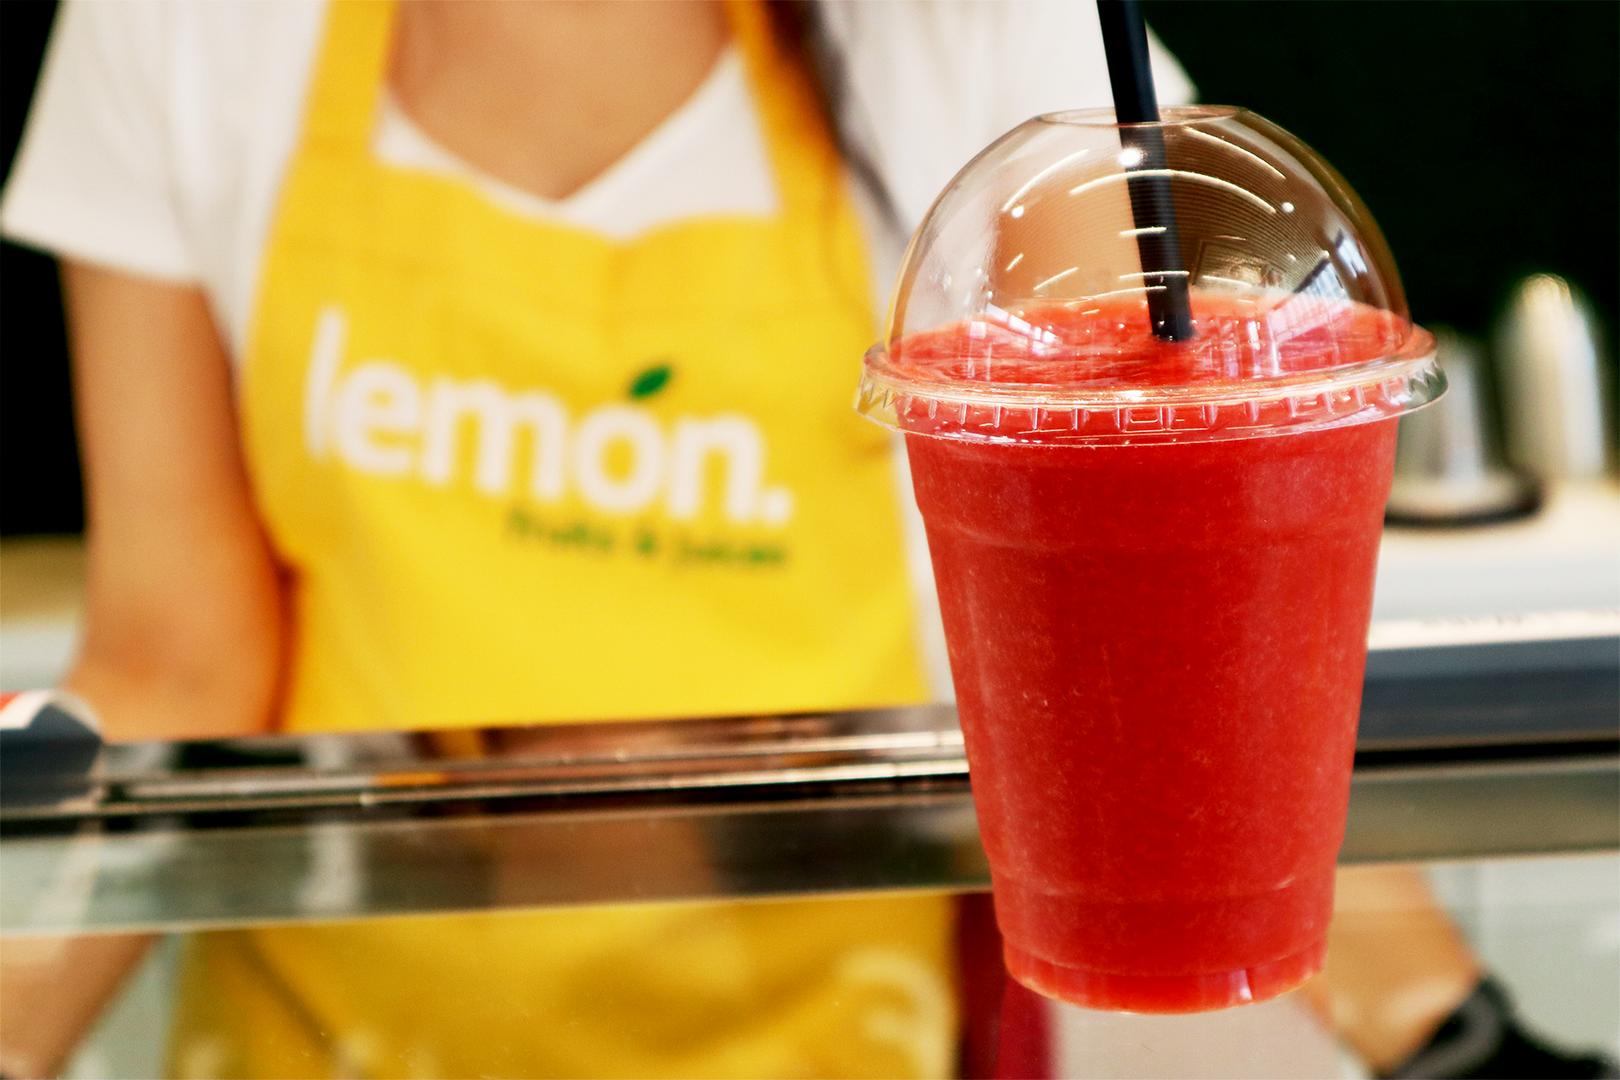 Lemon.fruits&juices